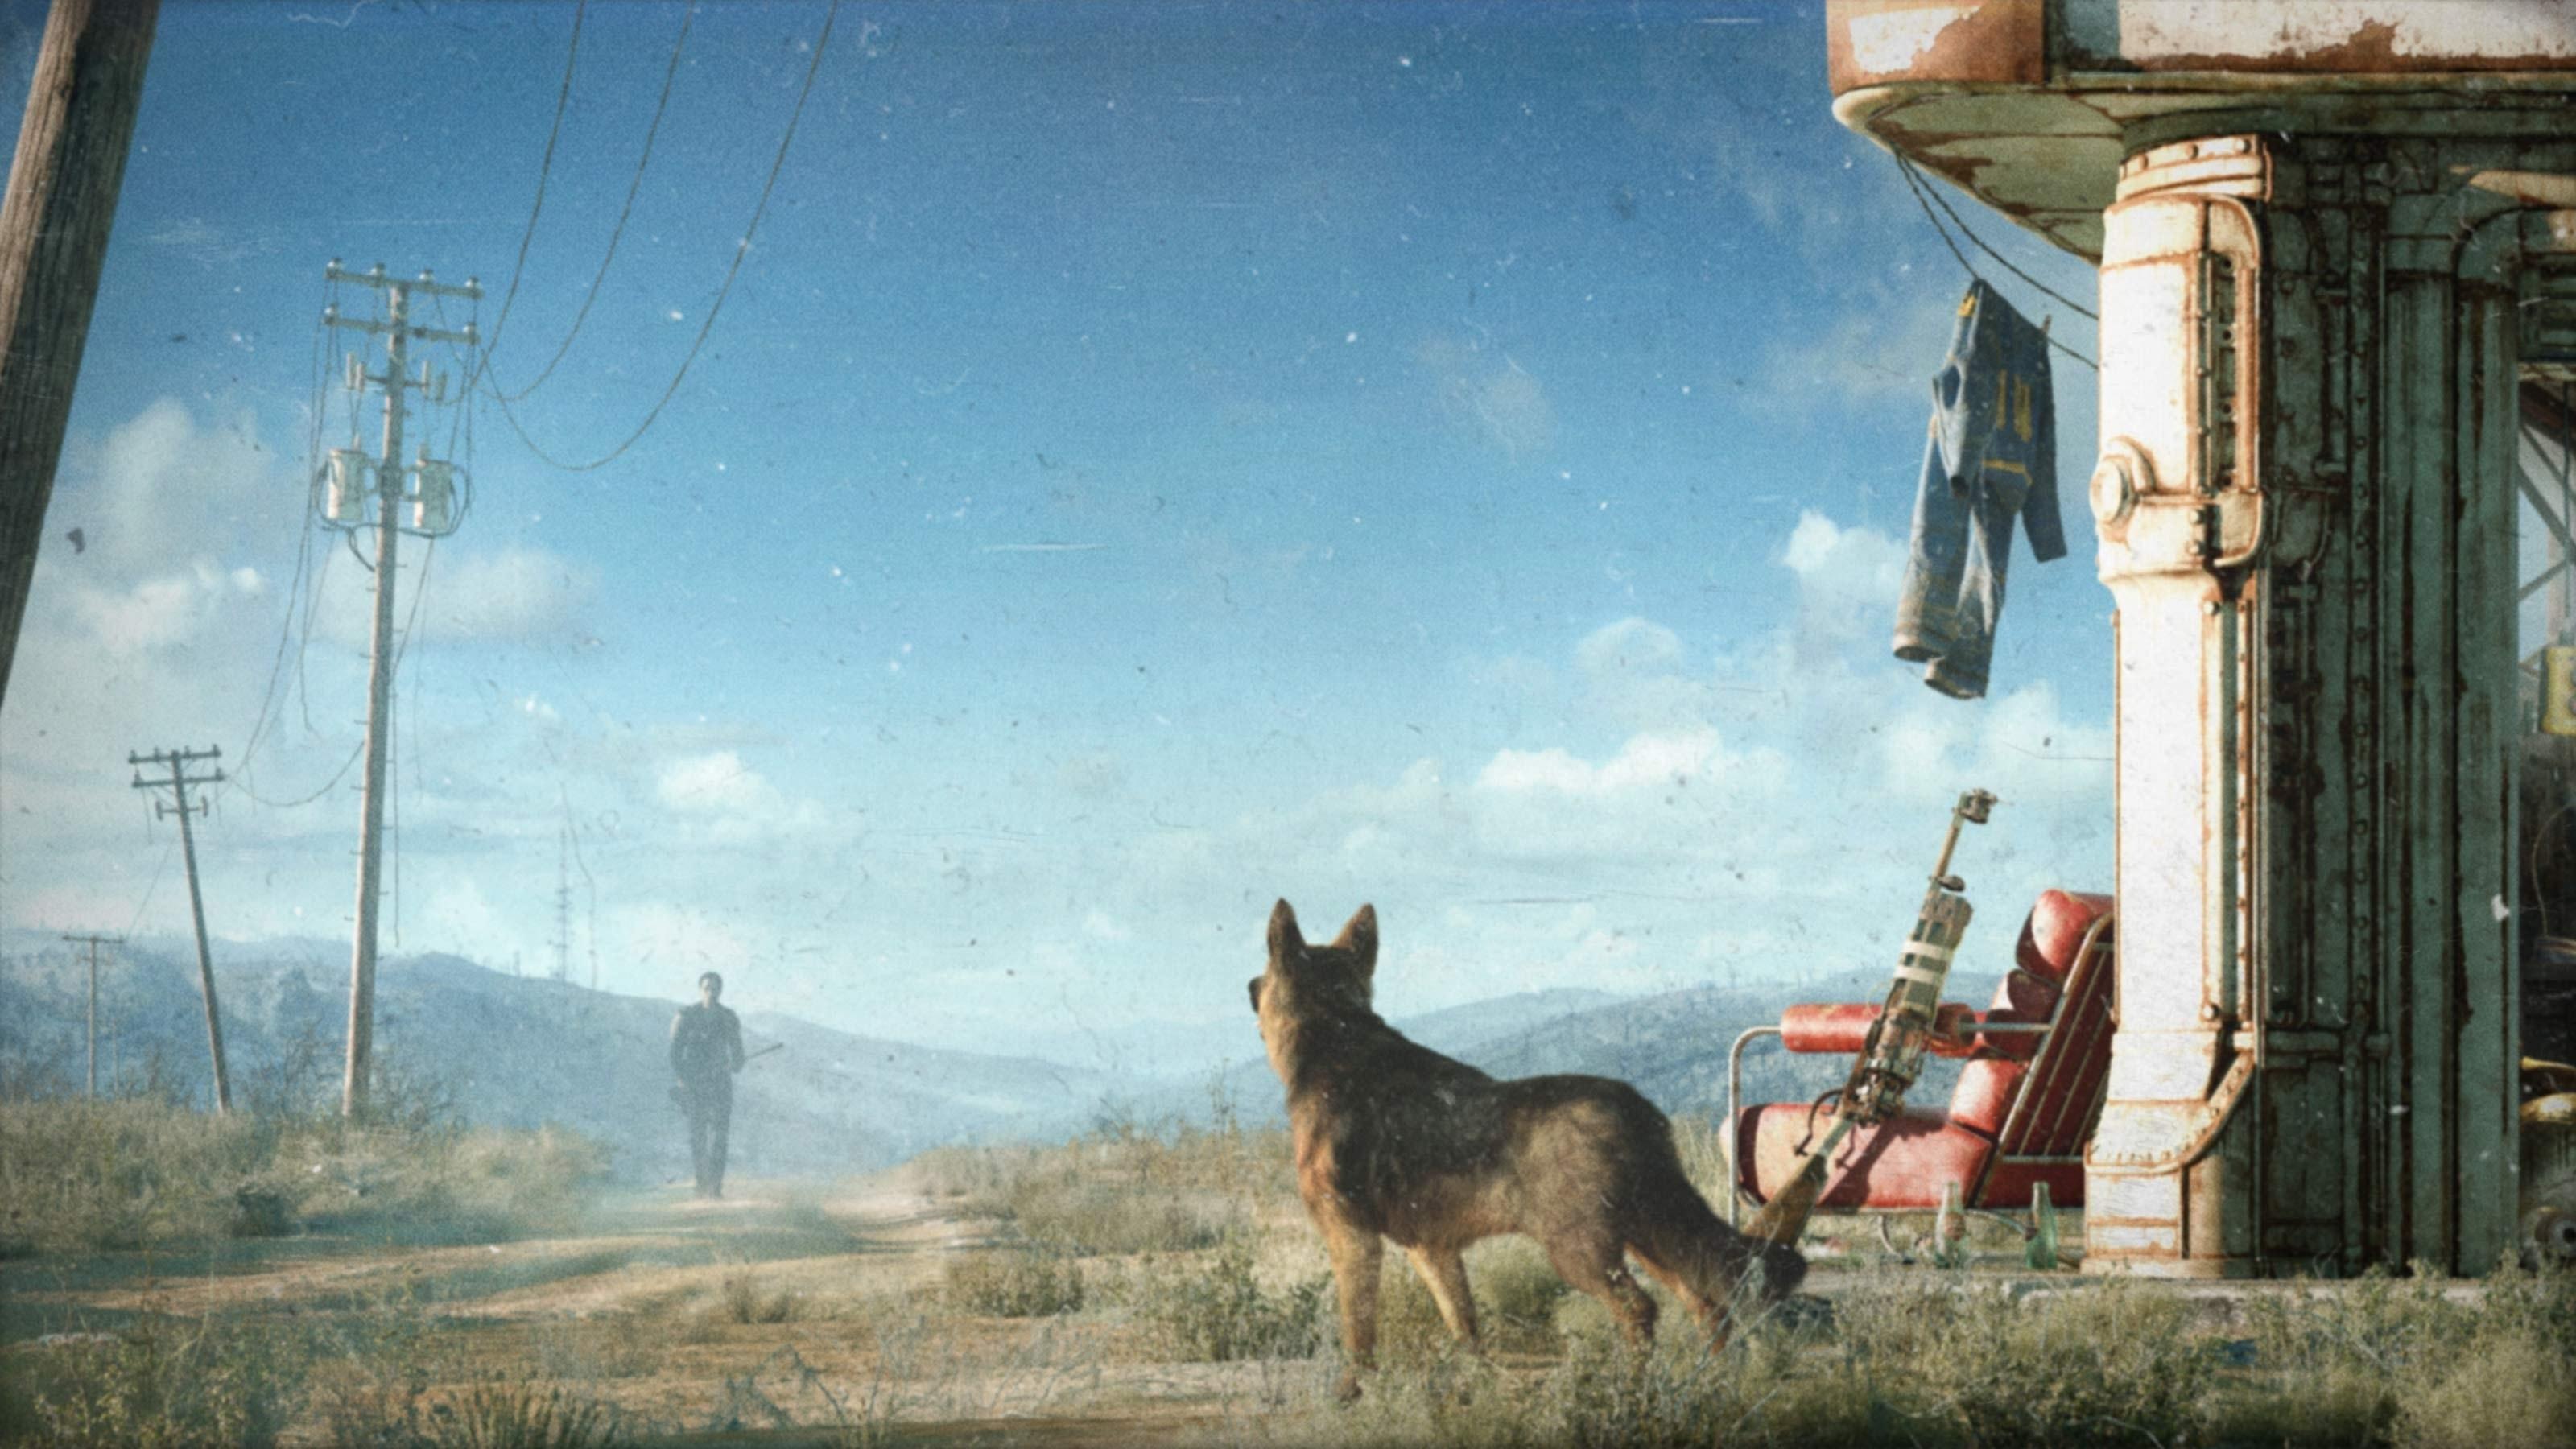 Fallout 4 Download Fallout 4 Desktop wallpaper